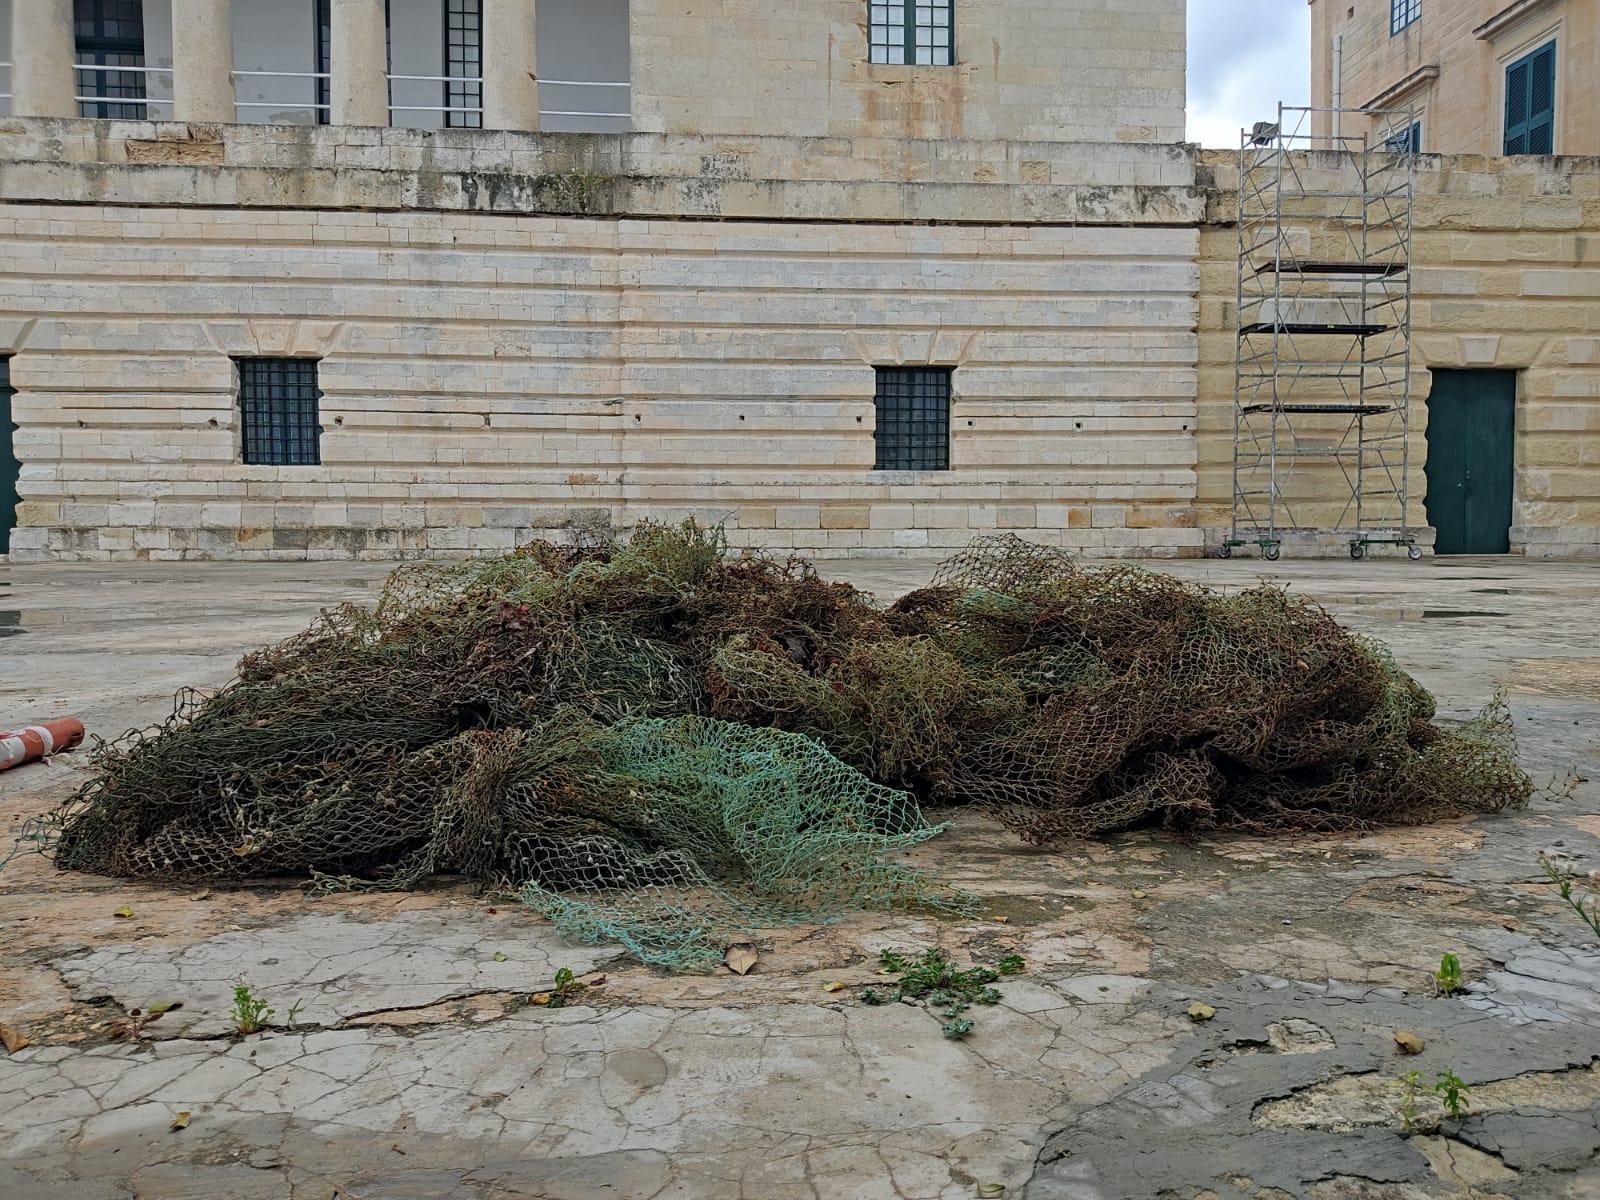 Sieci widma wydobyte z wraku JU 88 Malta